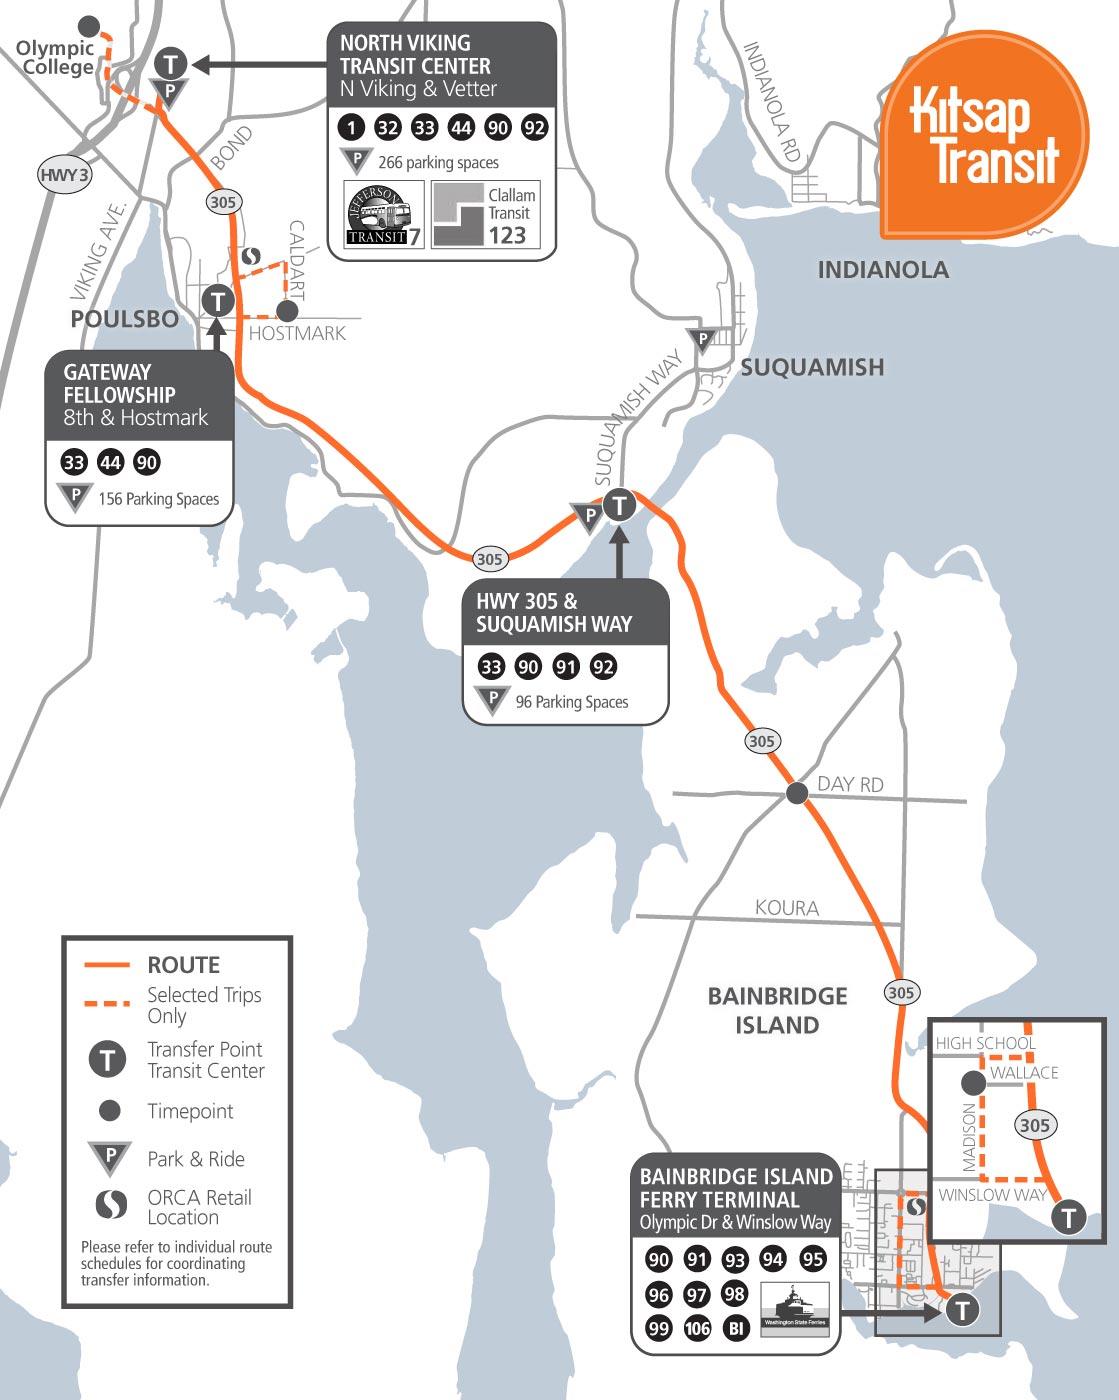 90 Poulsbo Bainbridge Kitsap Transit